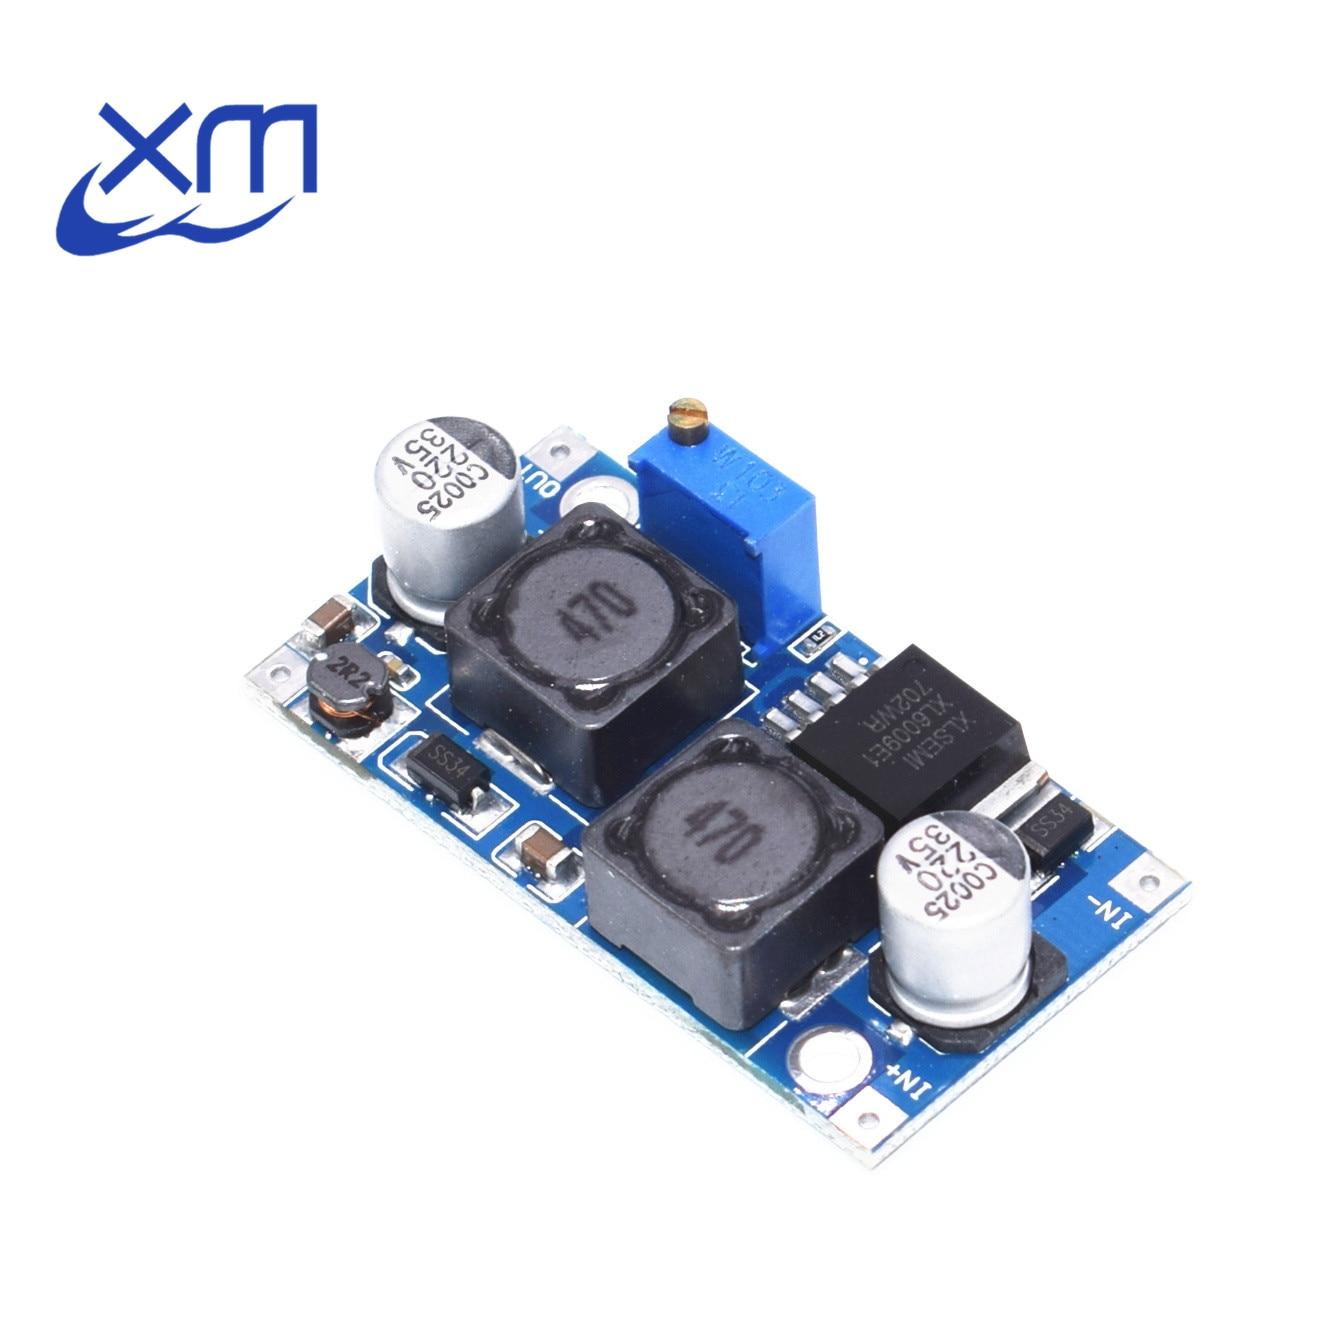 10 pçs/lote DC-DC módulo de fonte de alimentação módulo xl6009 pode aumentar a pressão impulsionador módulo super lm2577 DC-DC impulsionador step-up módulo